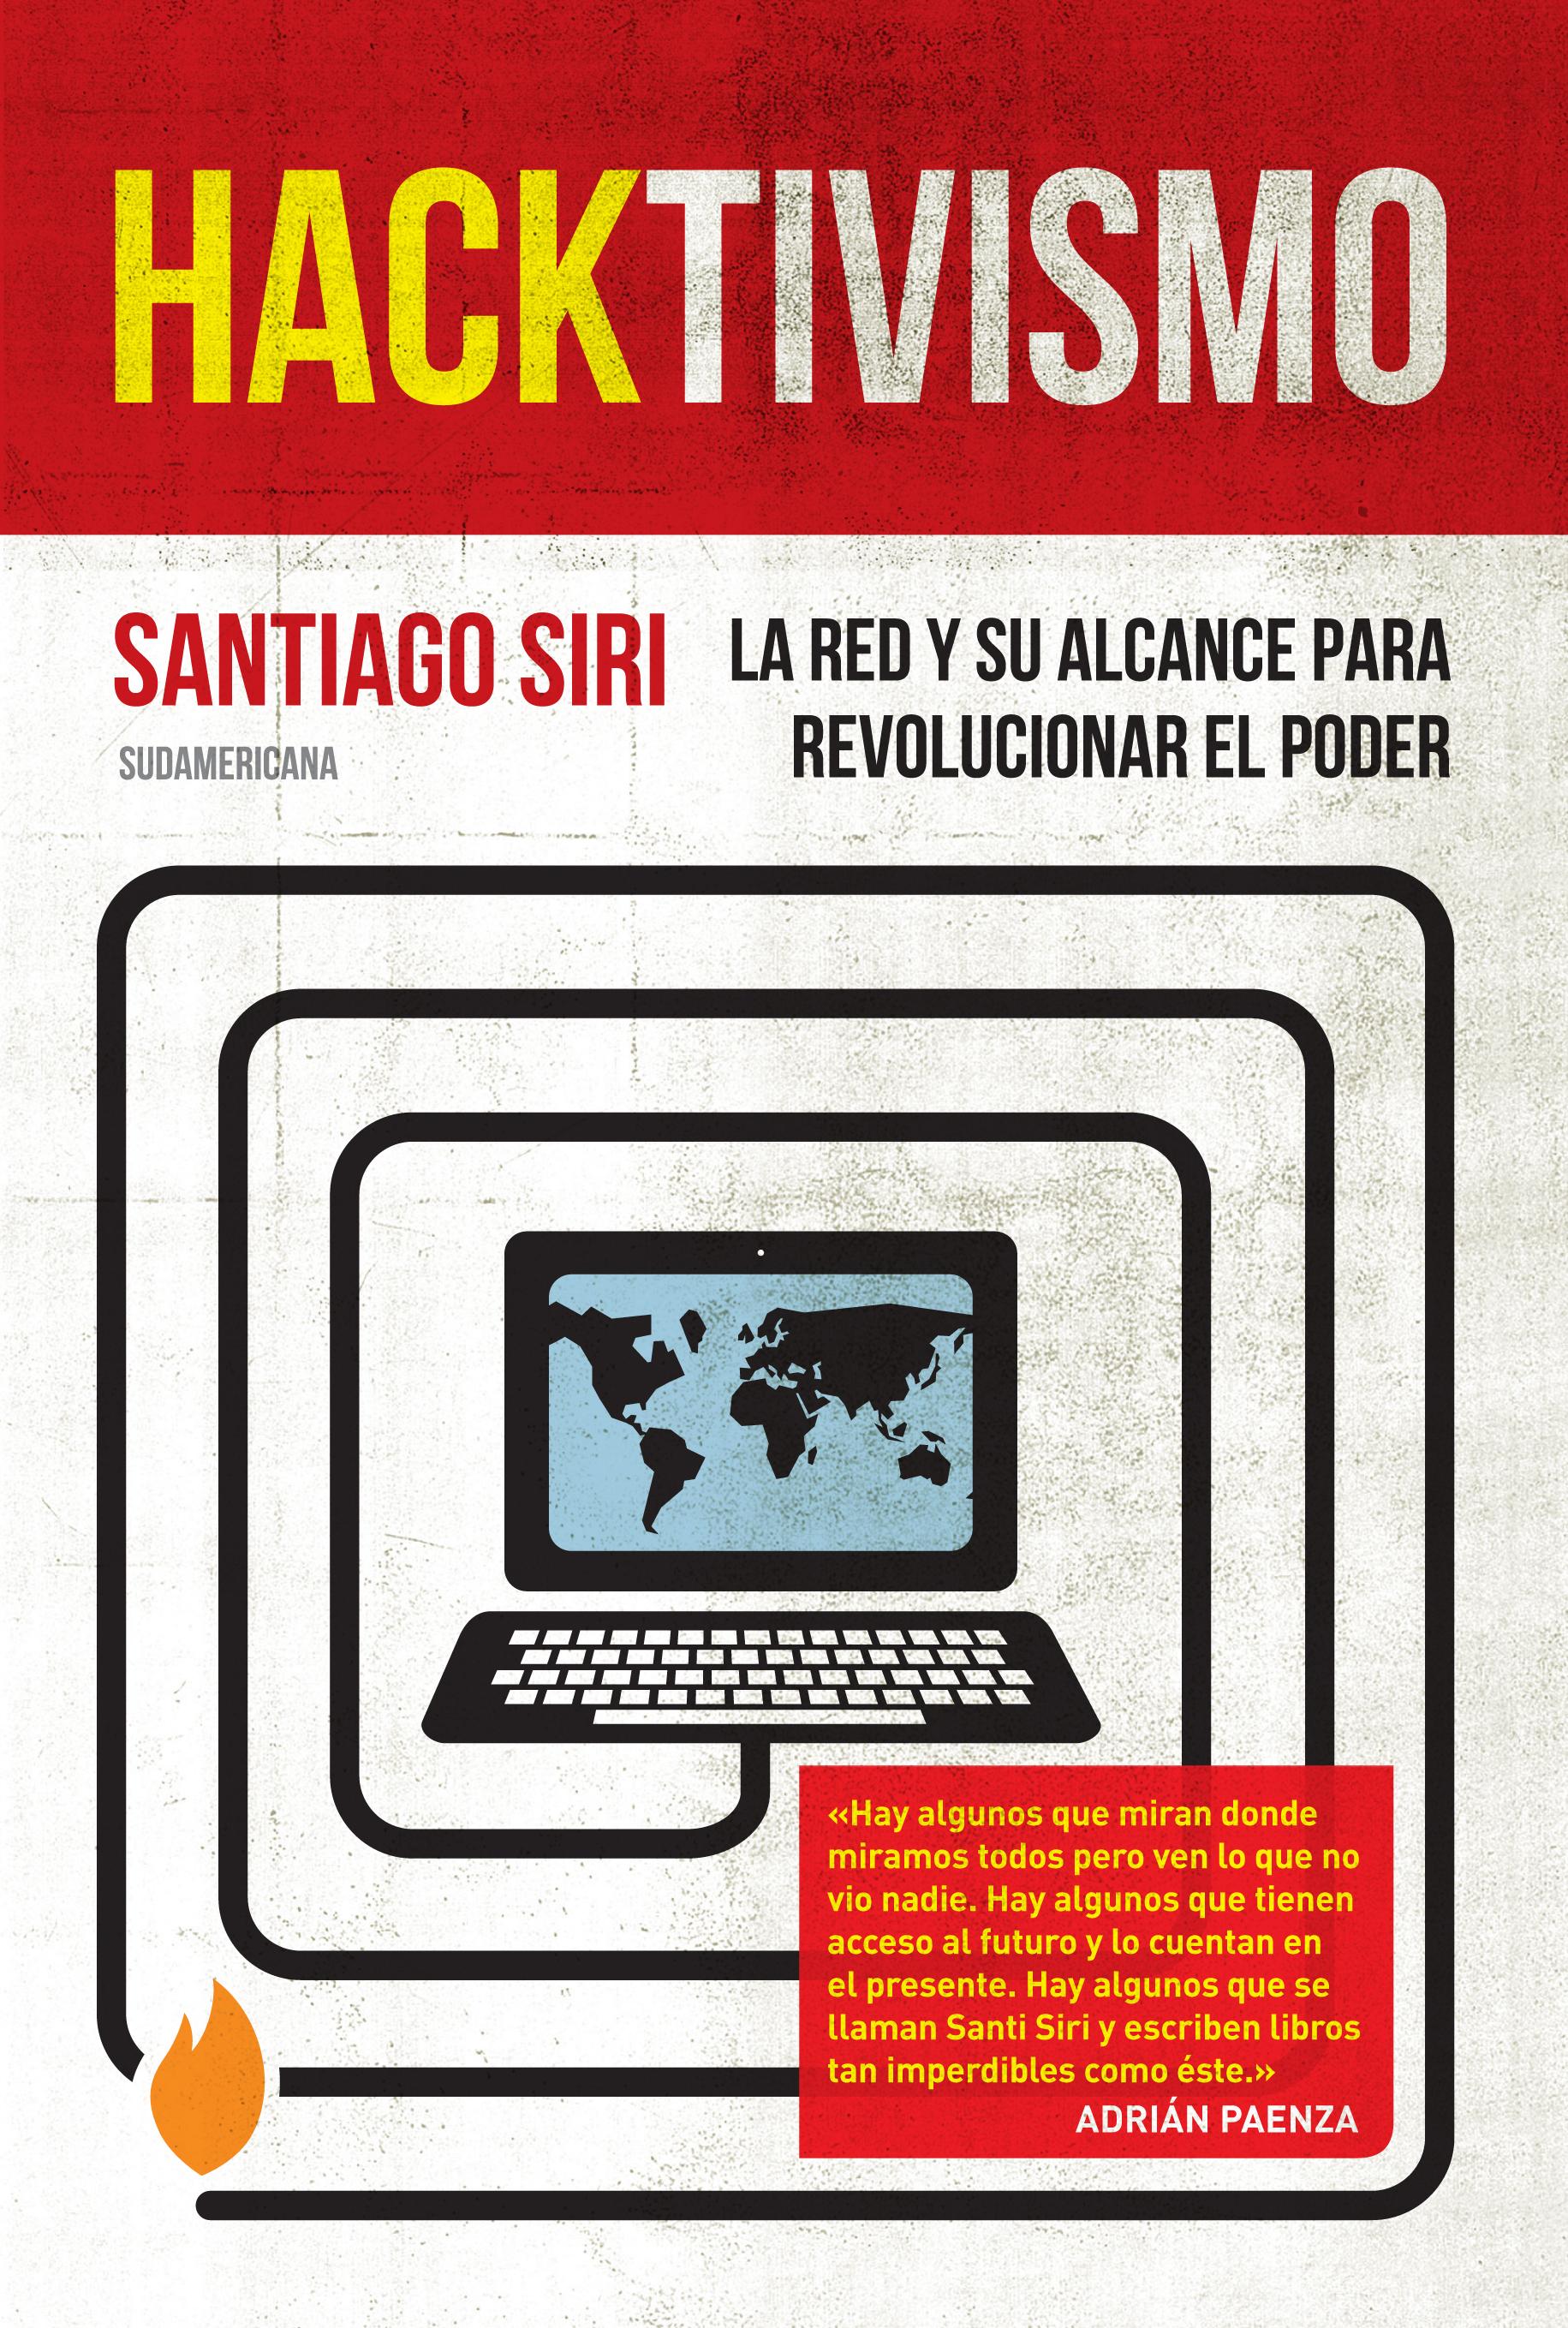 Hacktivismo1